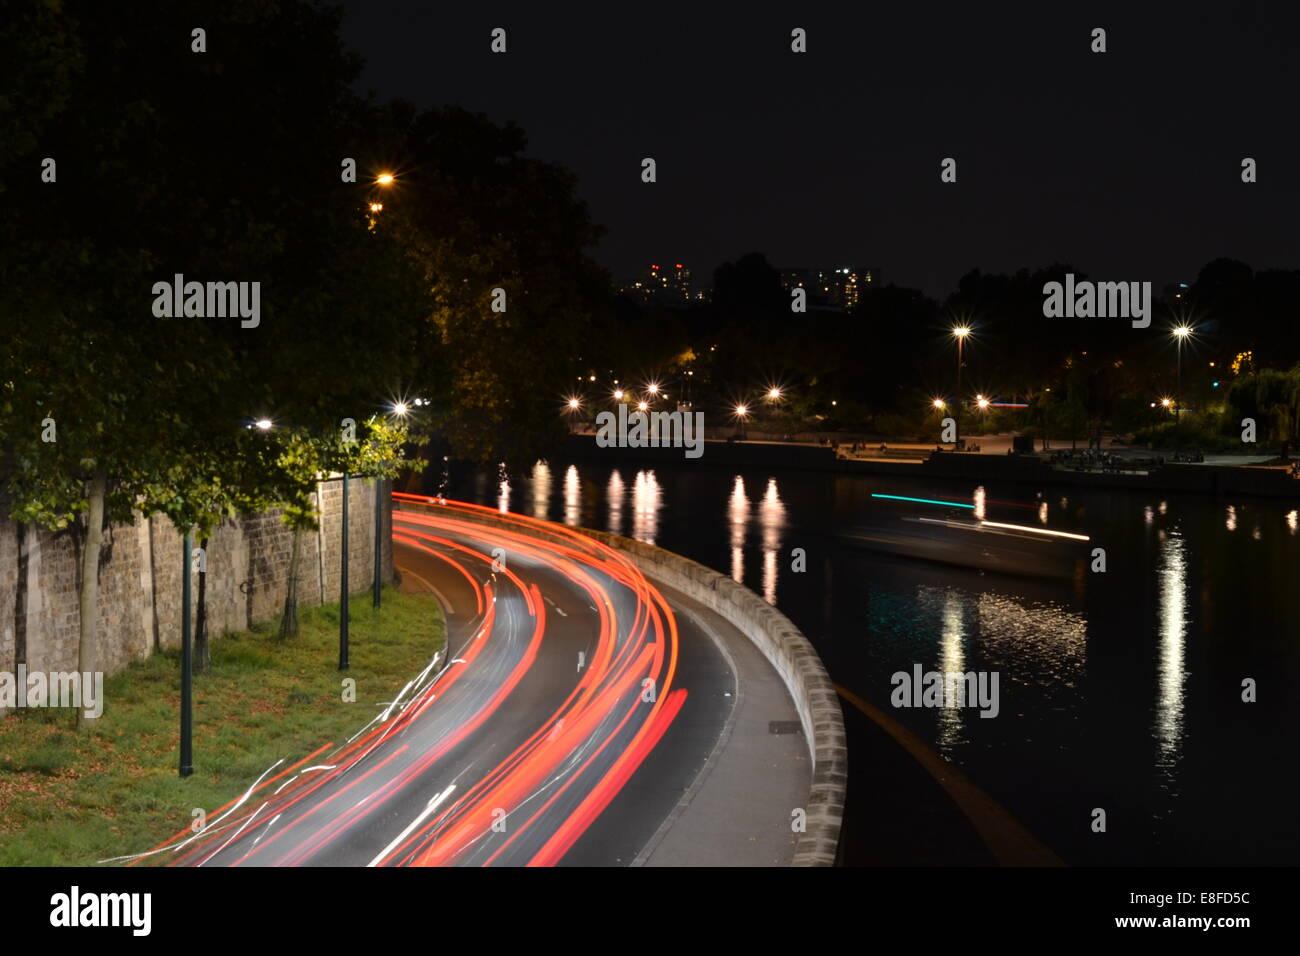 Follow the light. Pris sur le pont de île saint louis.  Traffic moving through paris late at night in the summer - Stock Image